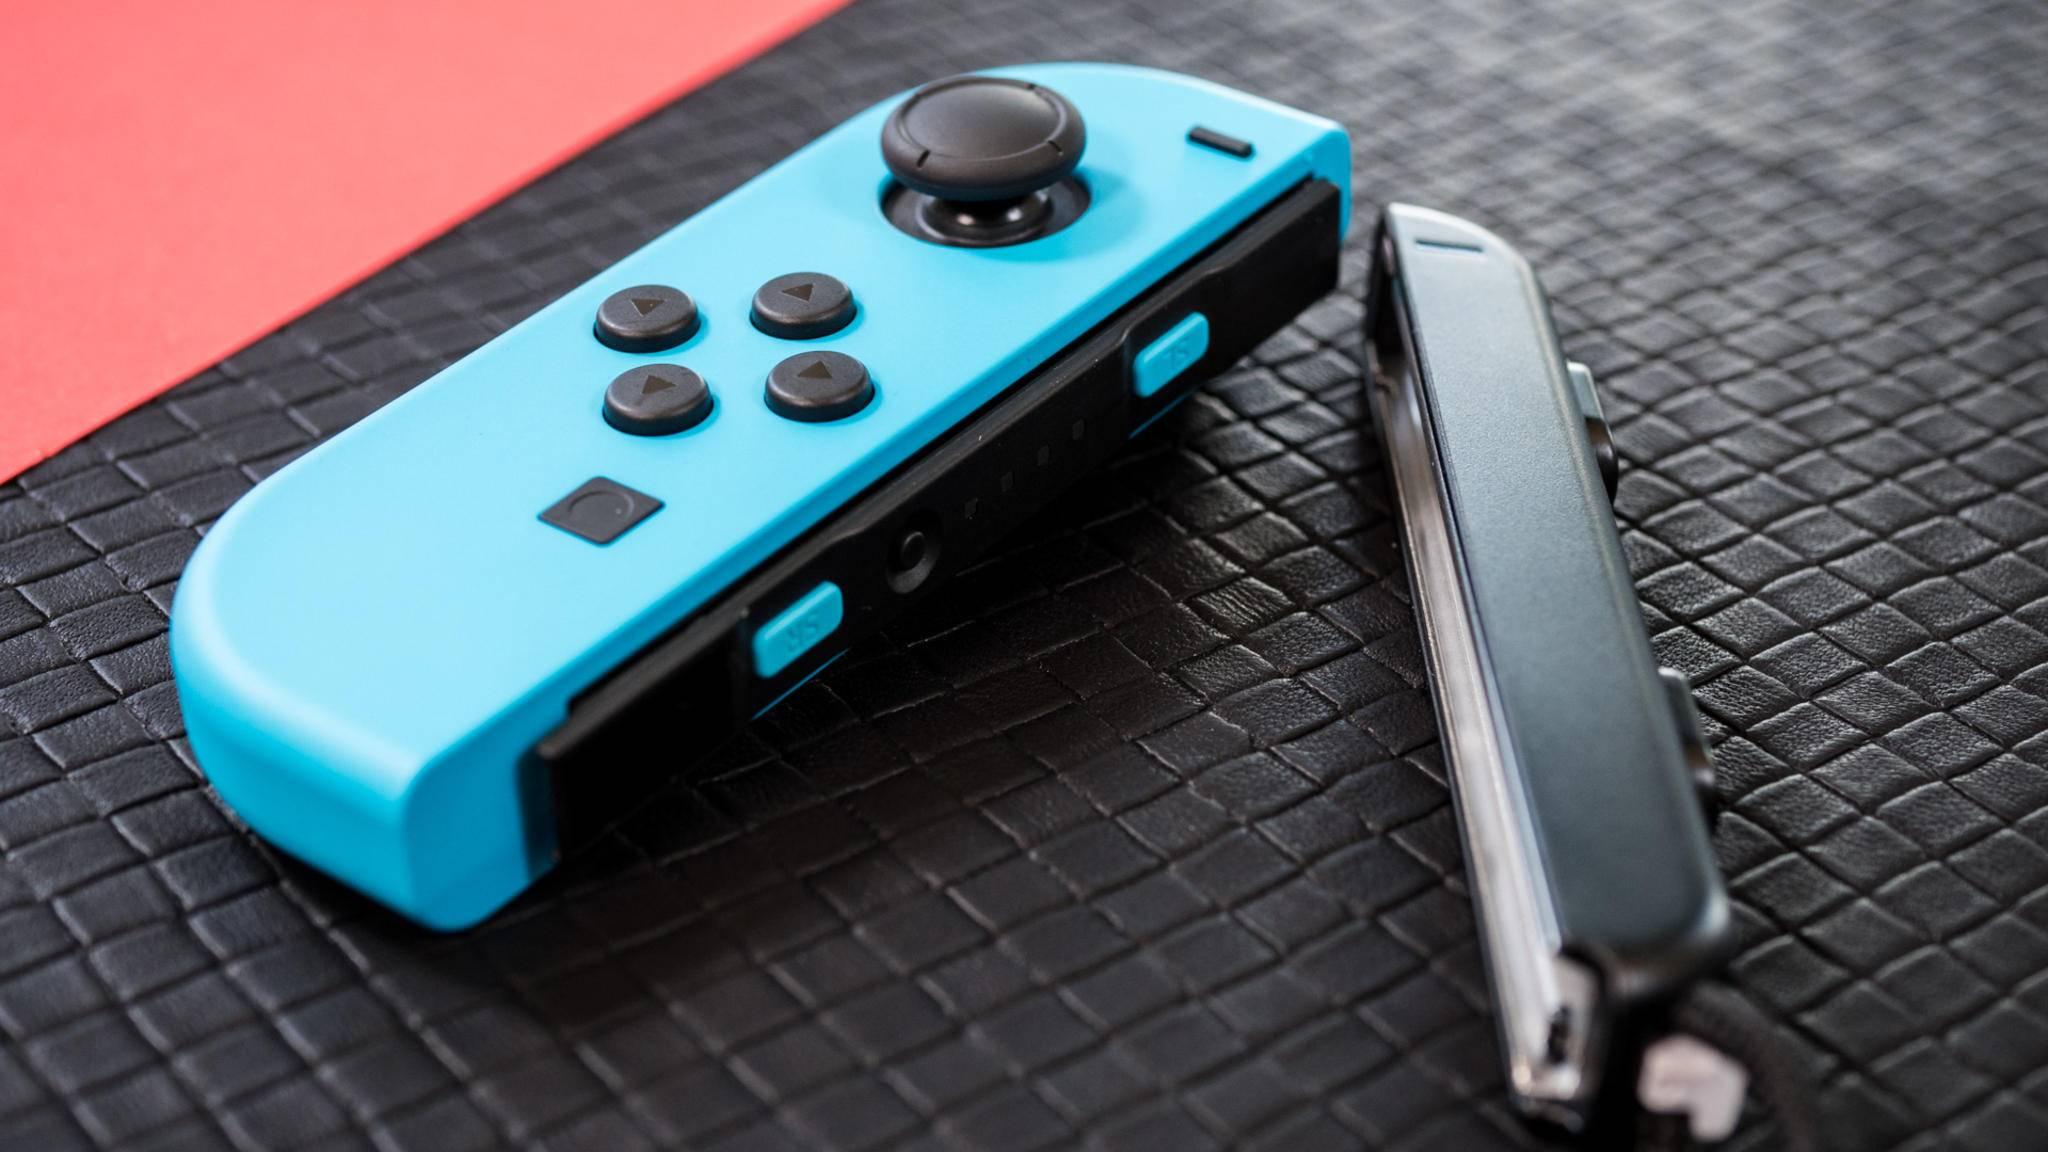 Können je nach Spiel zusammen oder einzeln verwendet werden: die Joy-Con-Controller.